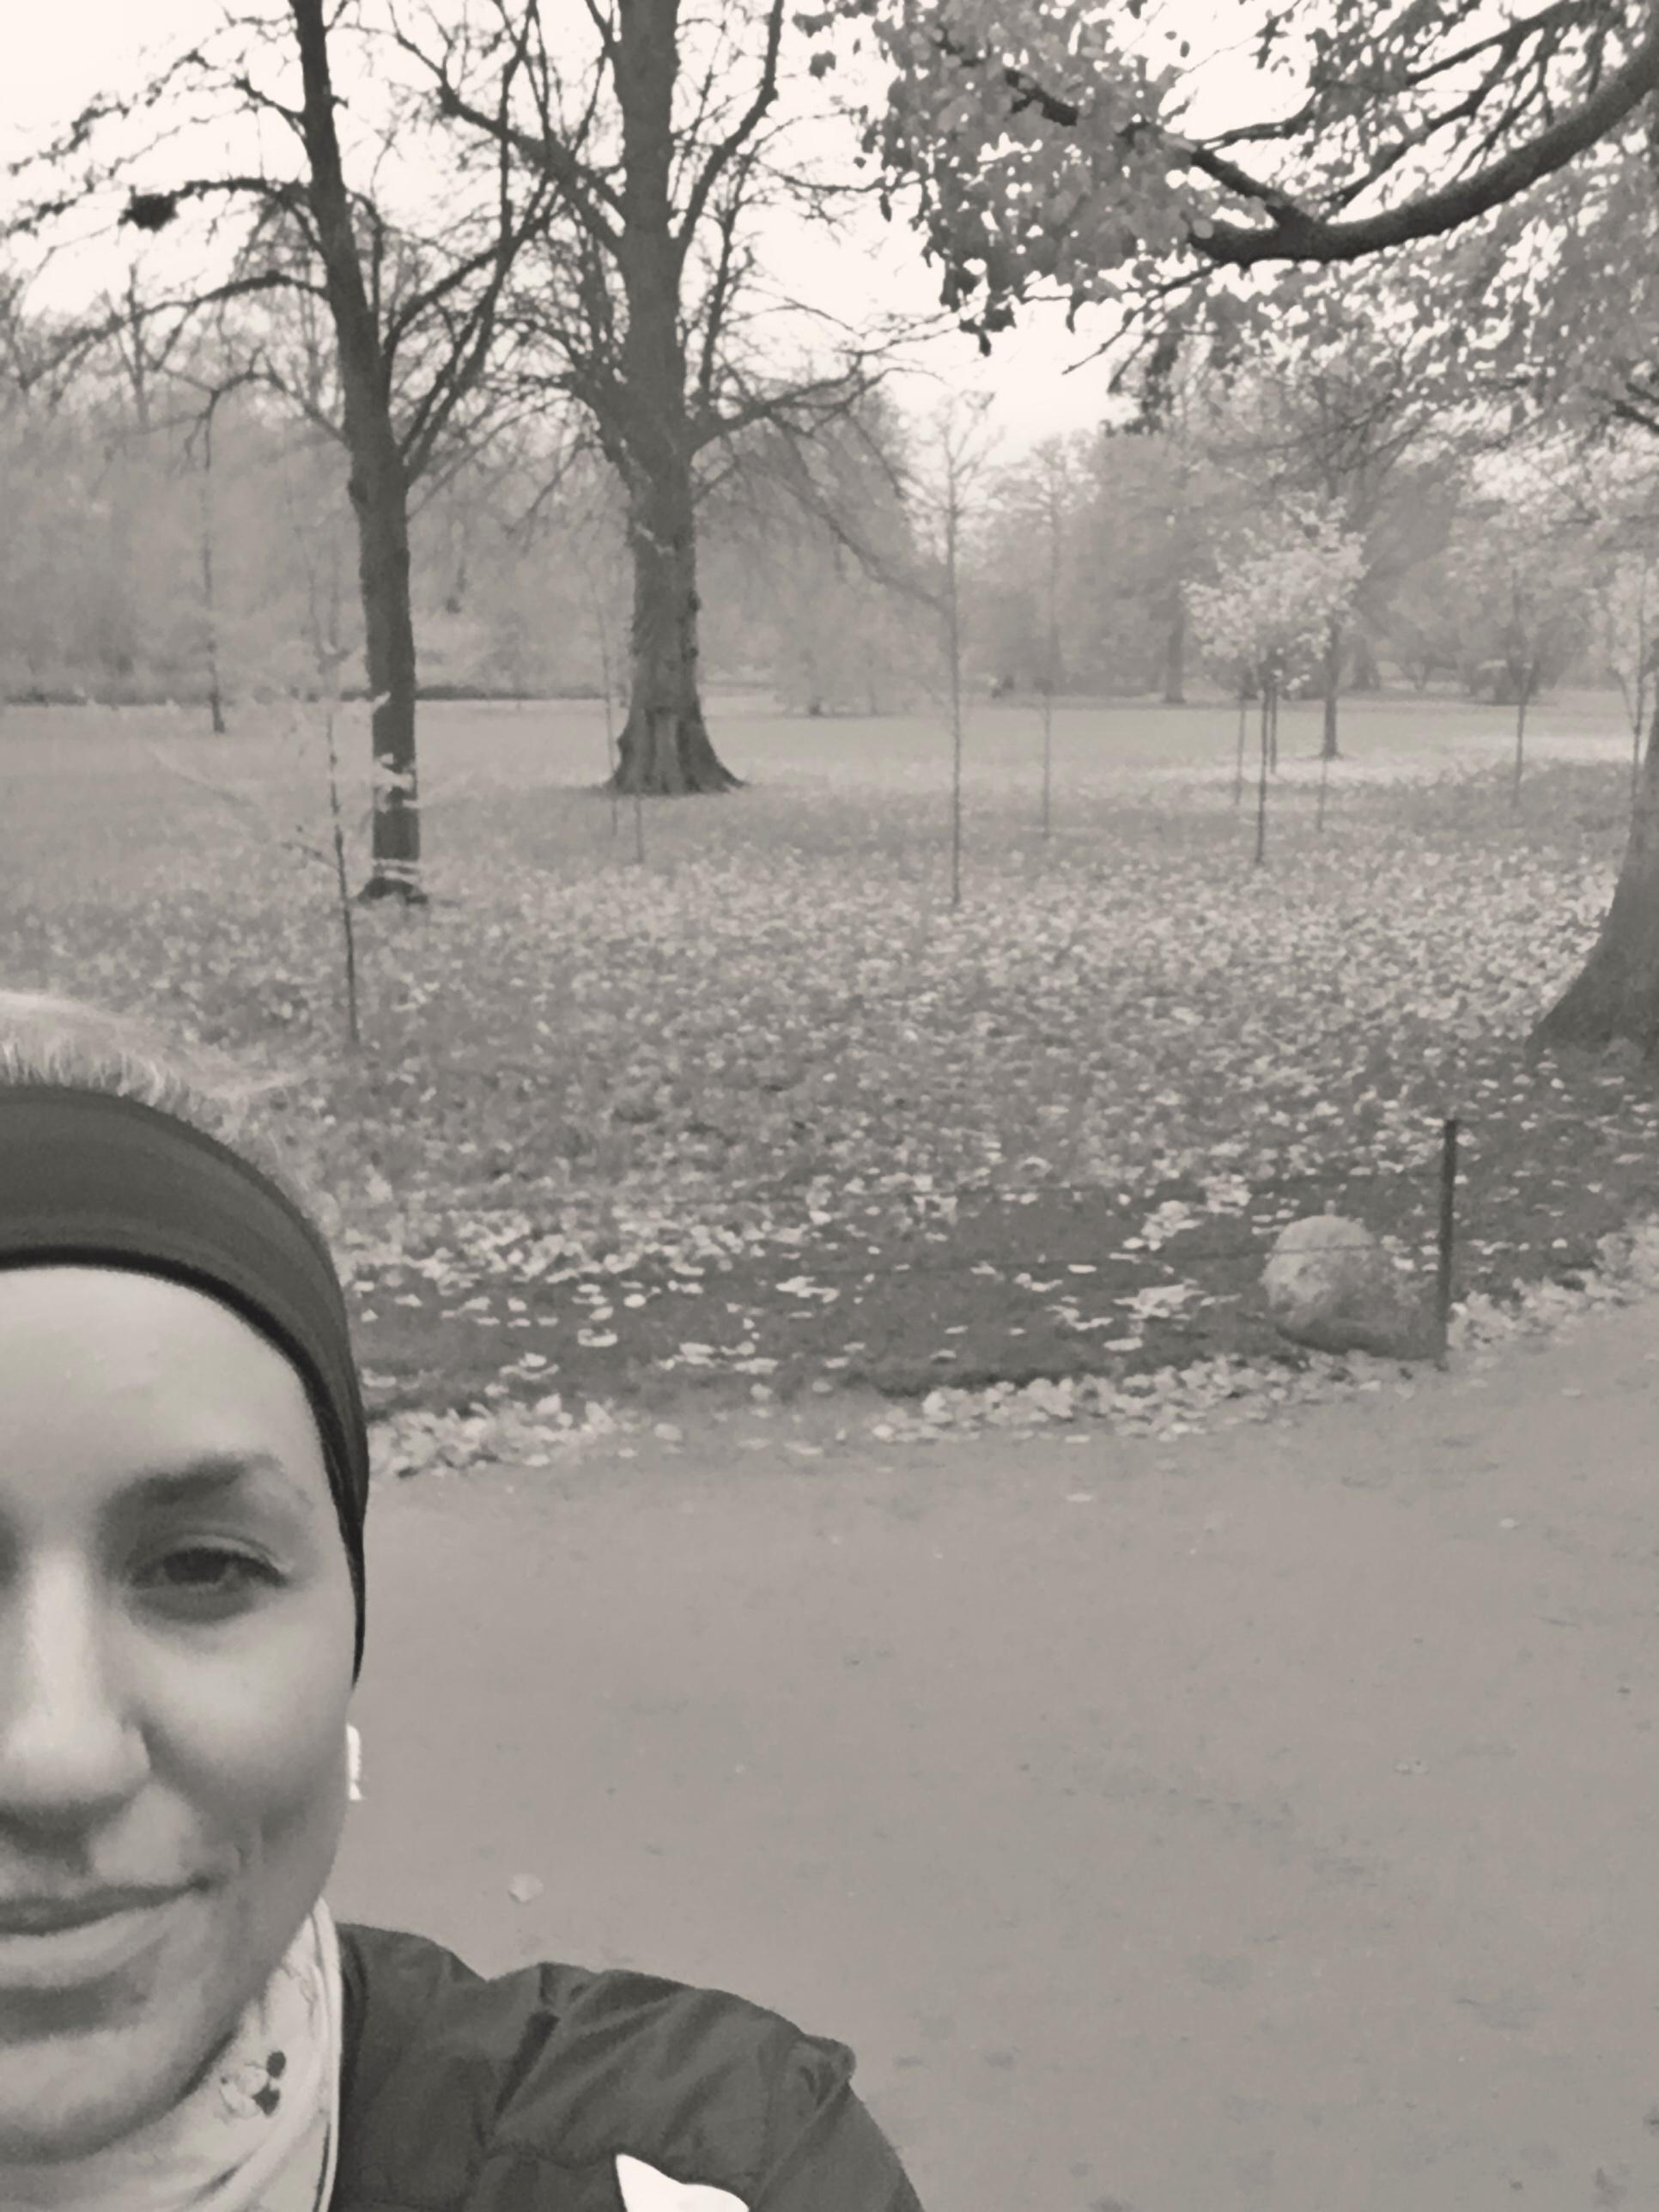 Øjeblikket efter, at jeg havde tabt min telefon - heldigvis på blød jord! Selfie med tømmermænd på farten. Det var det min krop havde brug for i dag!